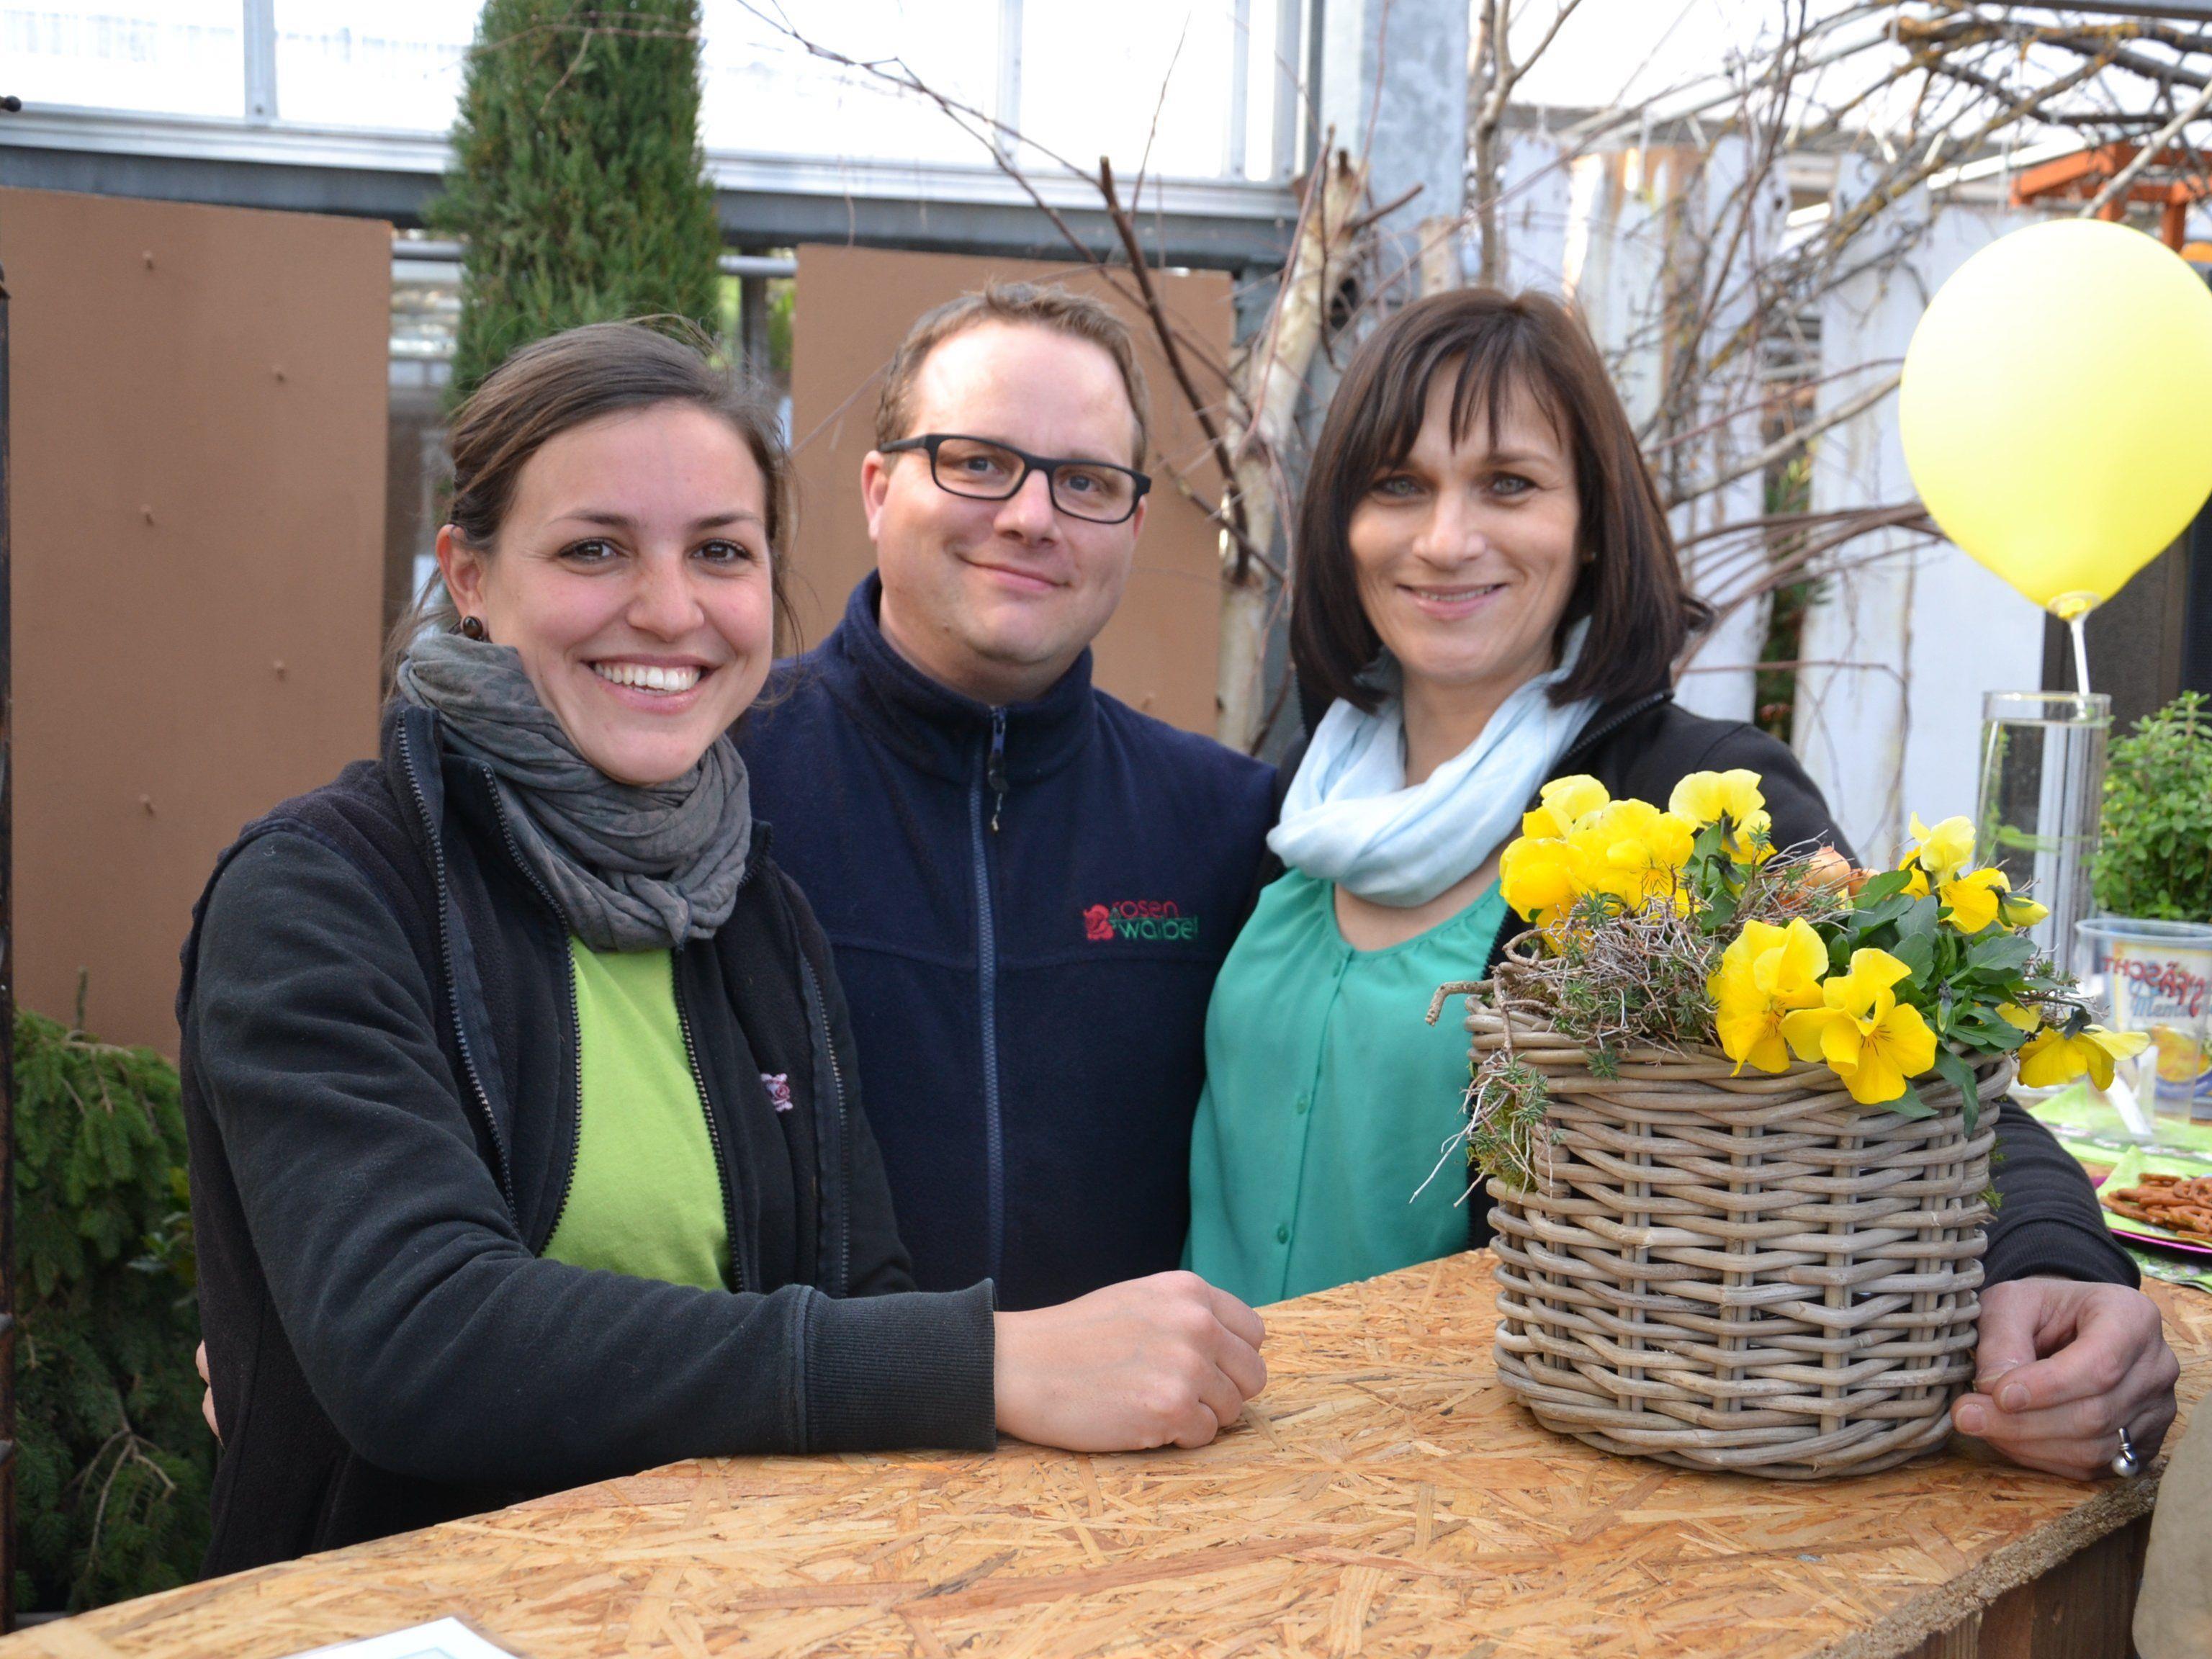 v.l. Kerstin Waibel, Mathias Waibel-Keel und Daniela Oswald verwöhnten die Besucher der Frühjahrsausstellung mit Getränken und anderen Köstlichkeiten